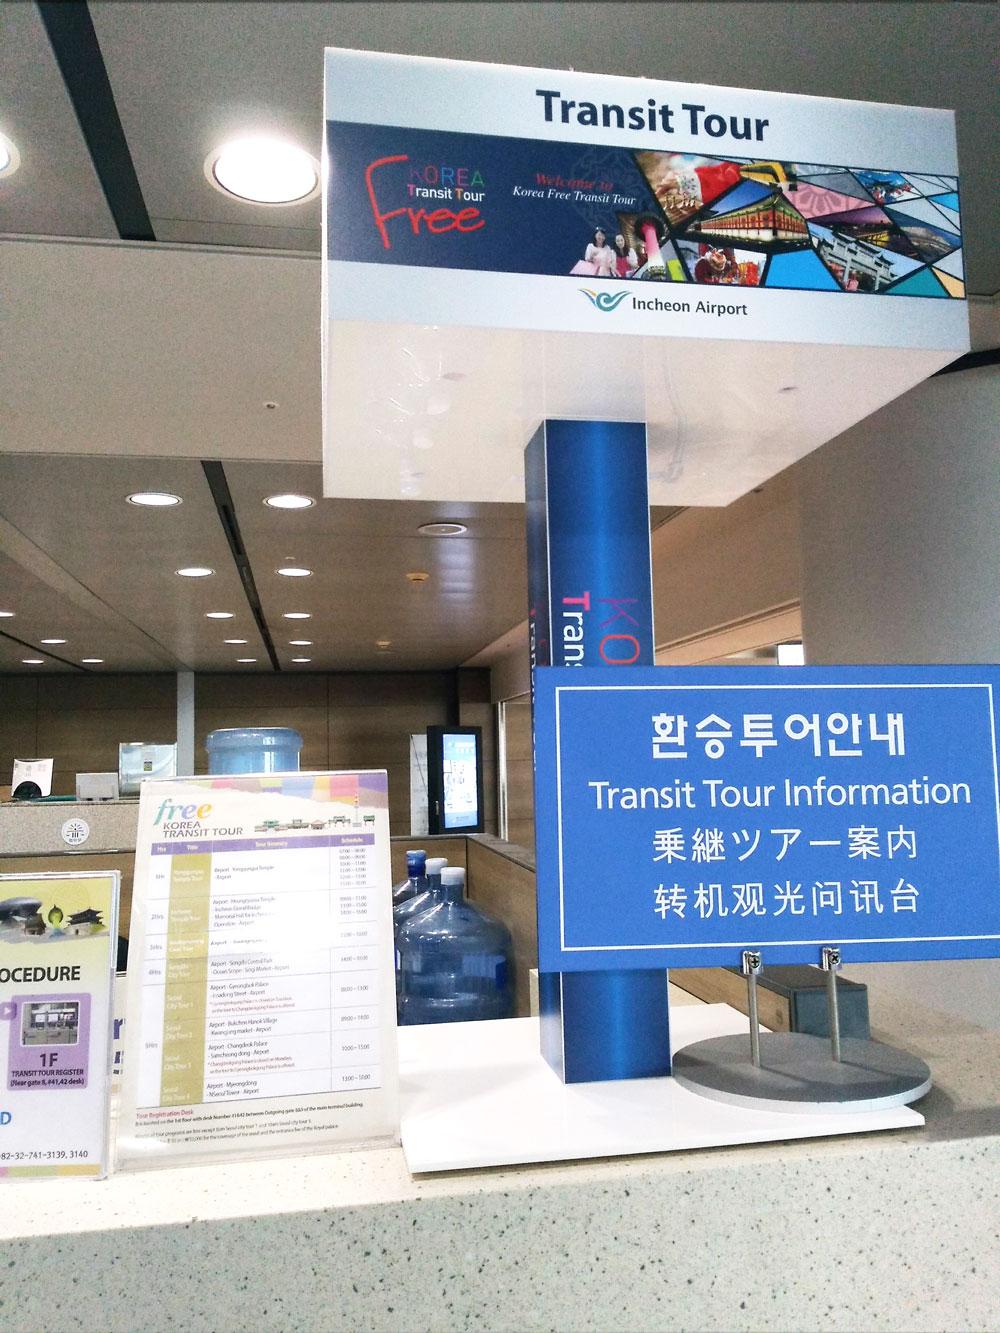 トランジットツアーデスクの看板